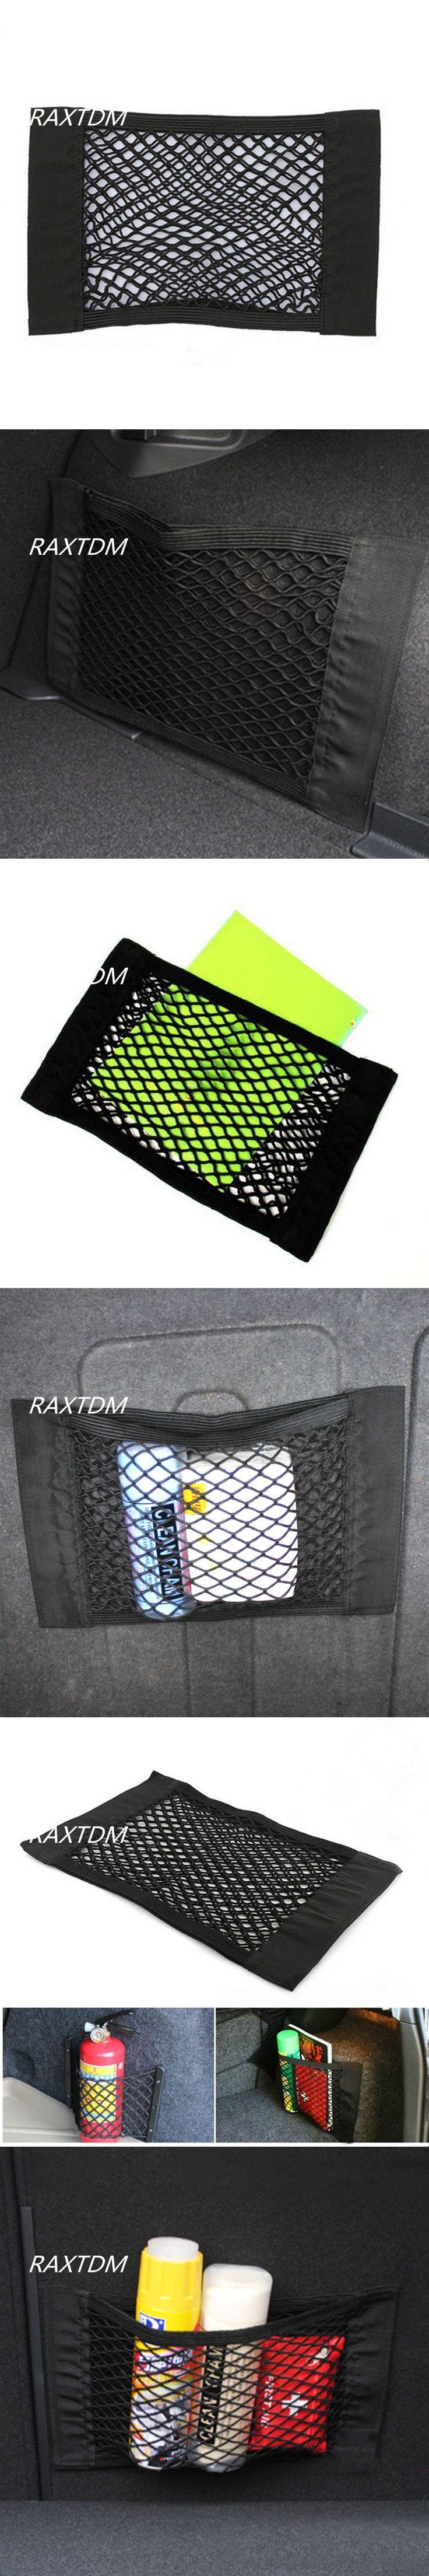 Car Trunk luggage Net For Chevrolet Cruze Aveo Captiva Lacetti Mazda 3 6 2 CX-5 For Mitsubishi ASX Lancer Outlander Accessories